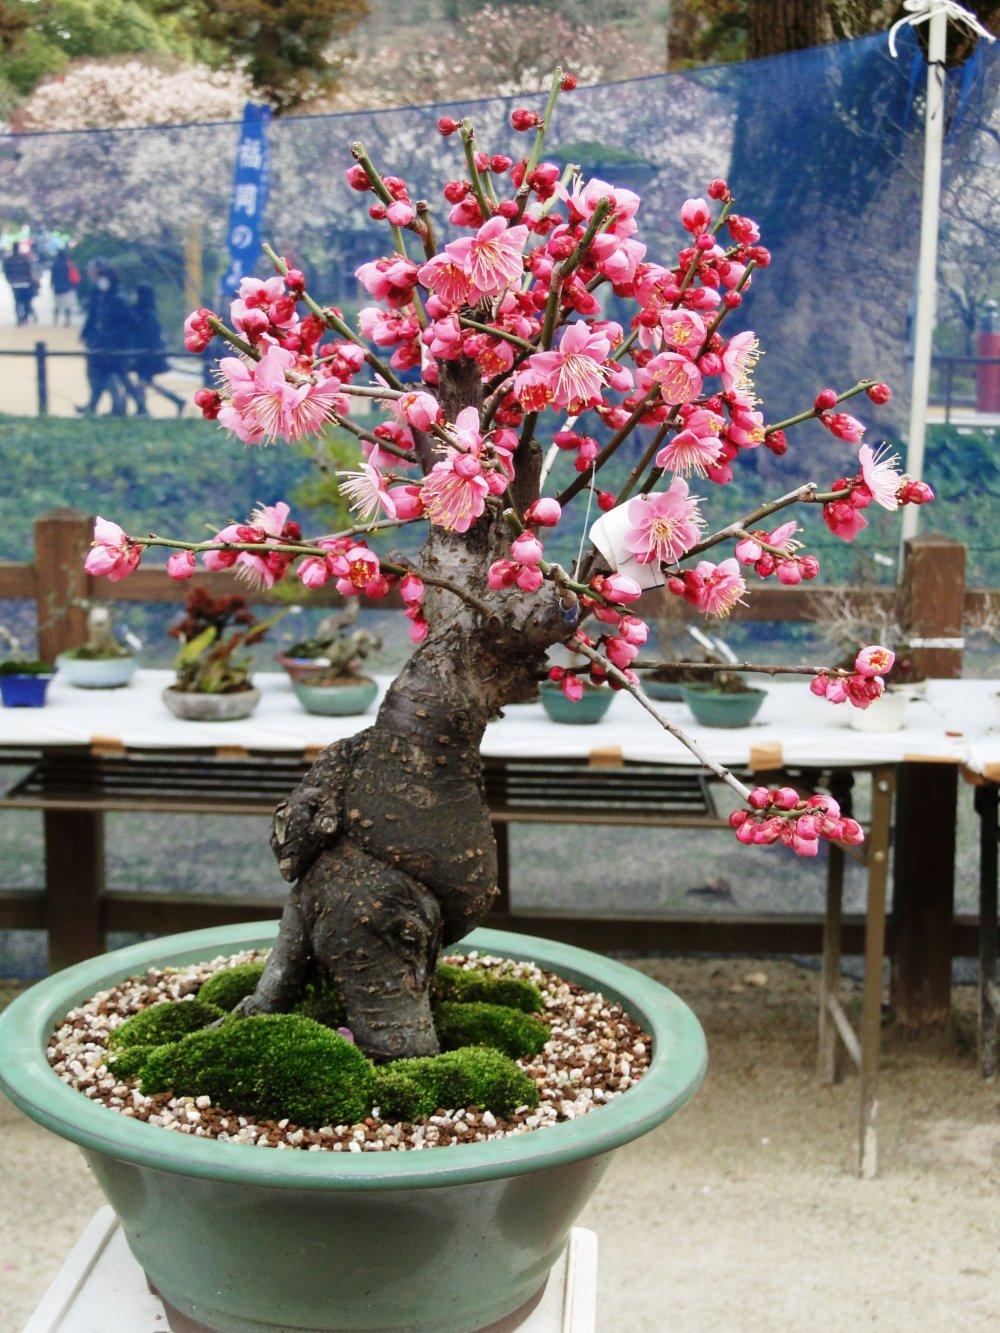 被修剪成盆栽式的梅花樹